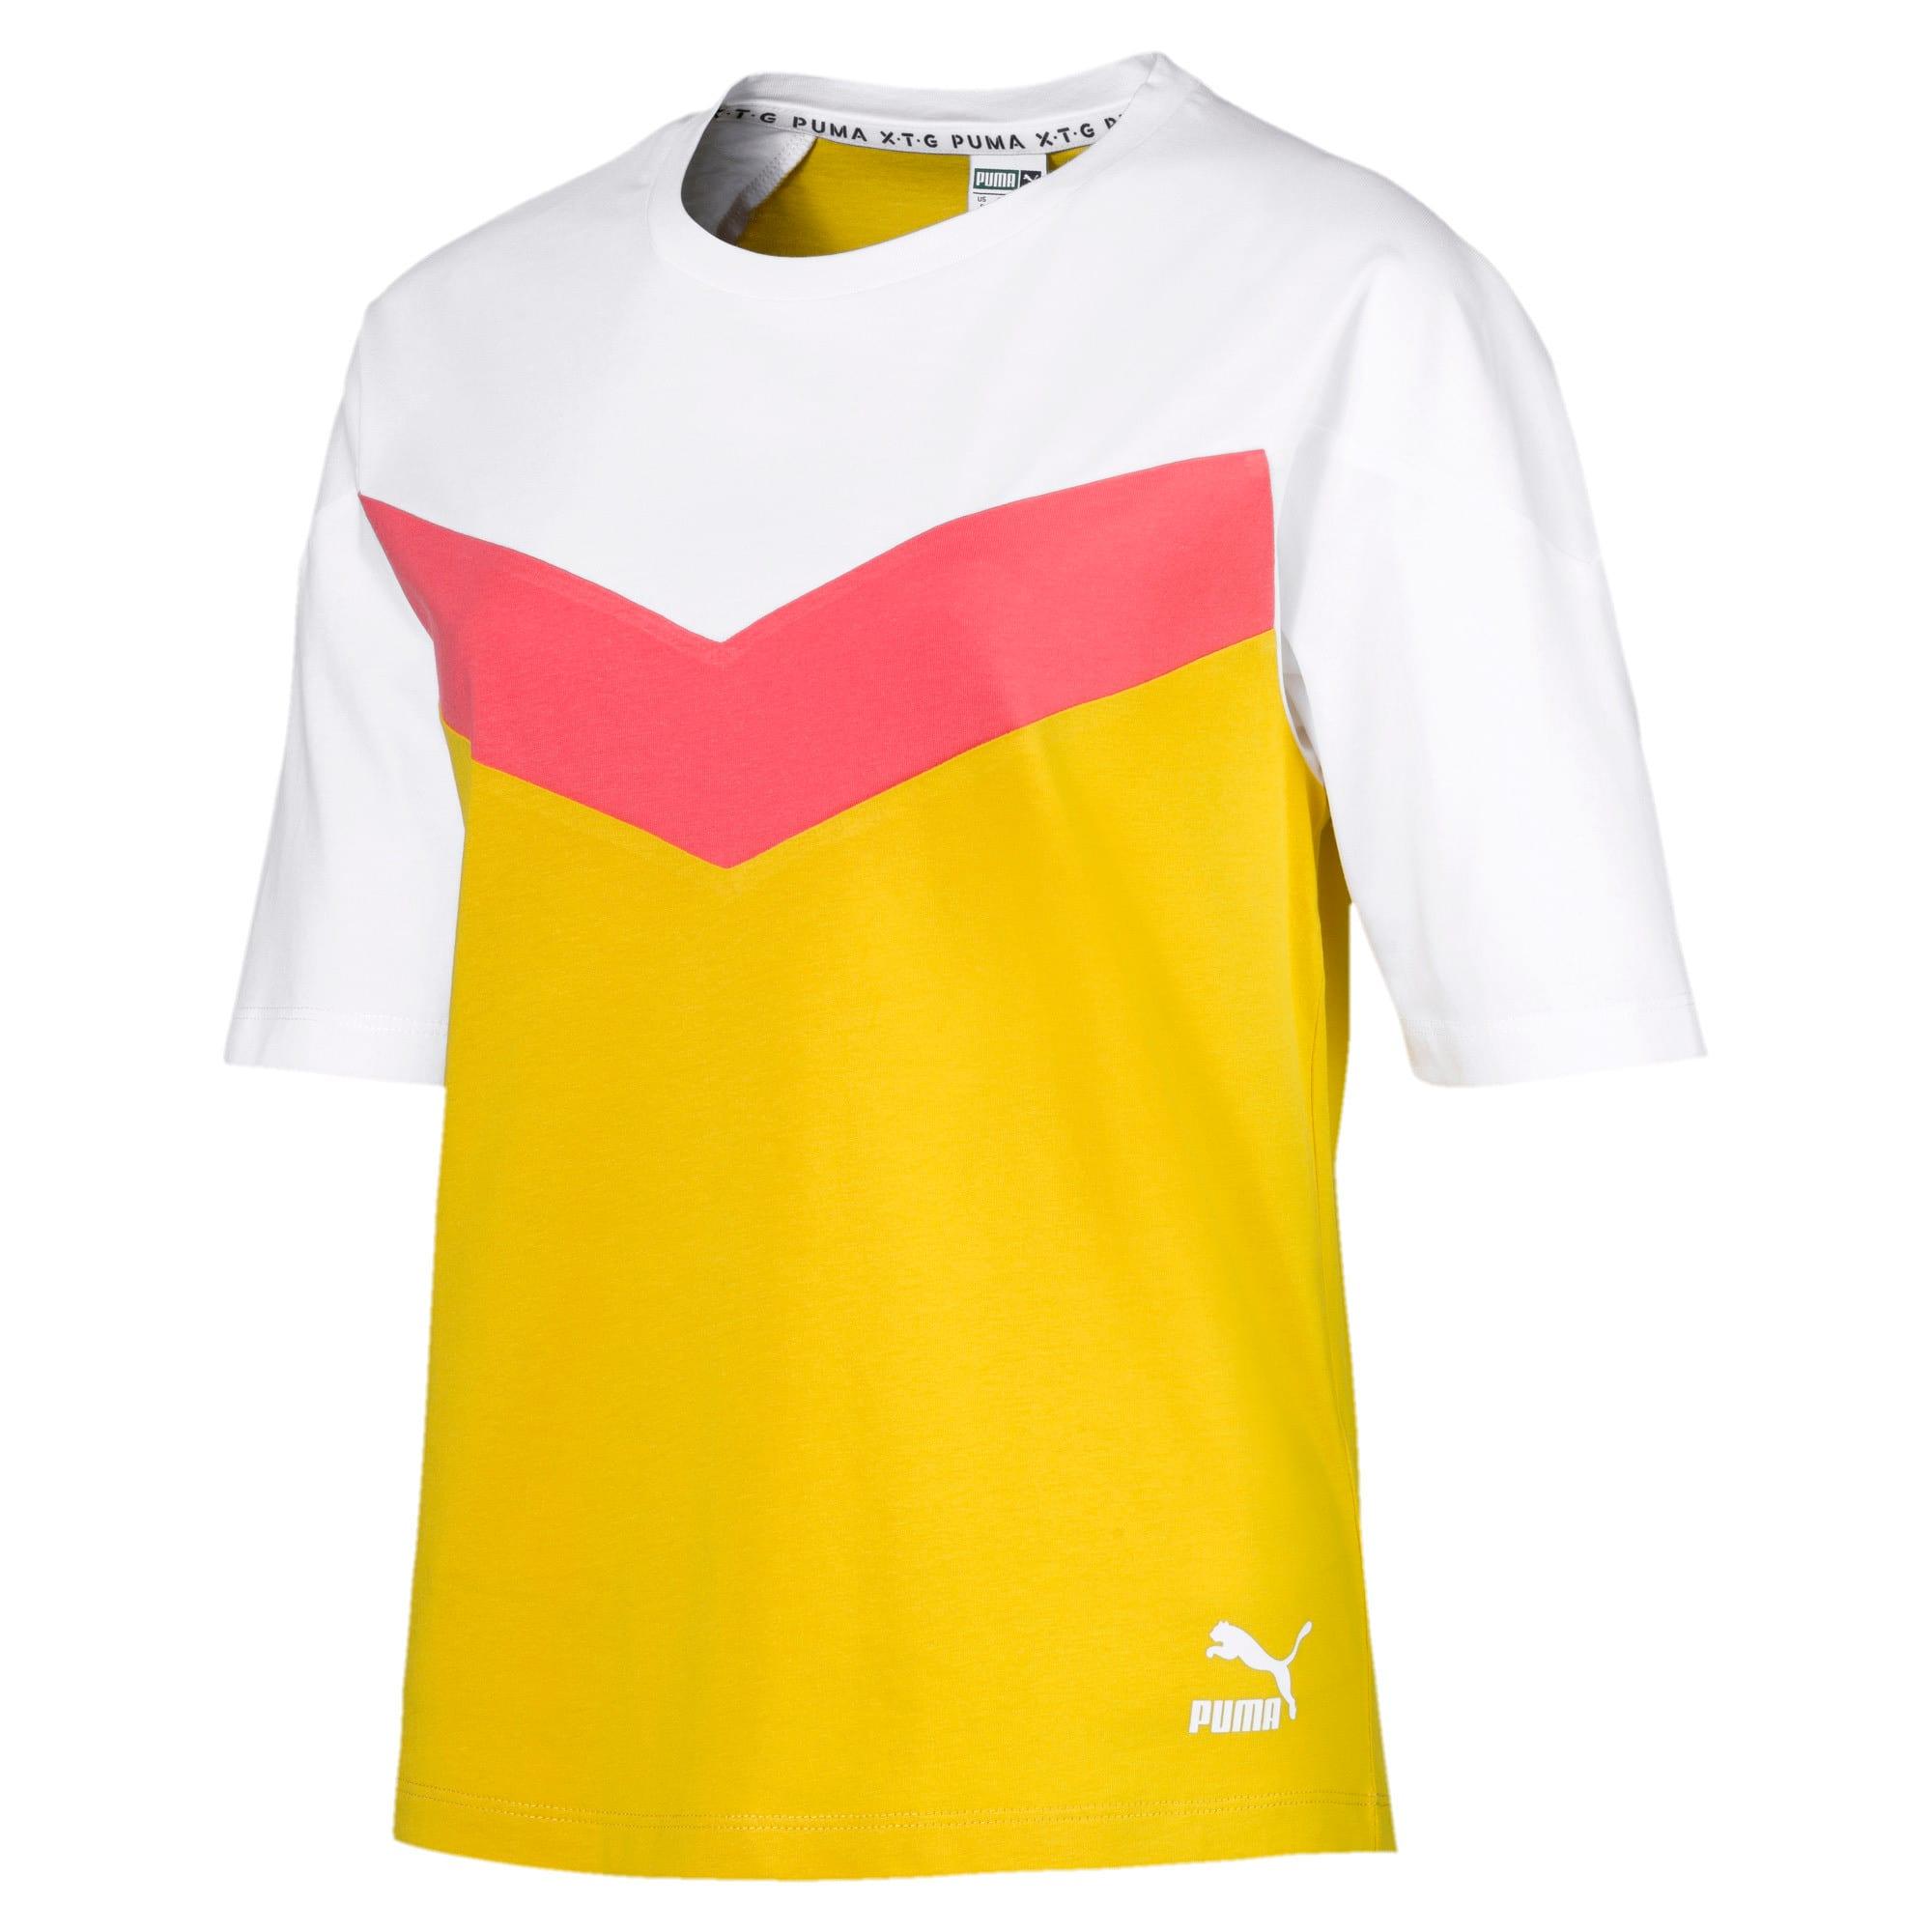 Miniatura 1 de Camiseta PUMA XTG en colores combinados para mujer, Sulphur, mediano